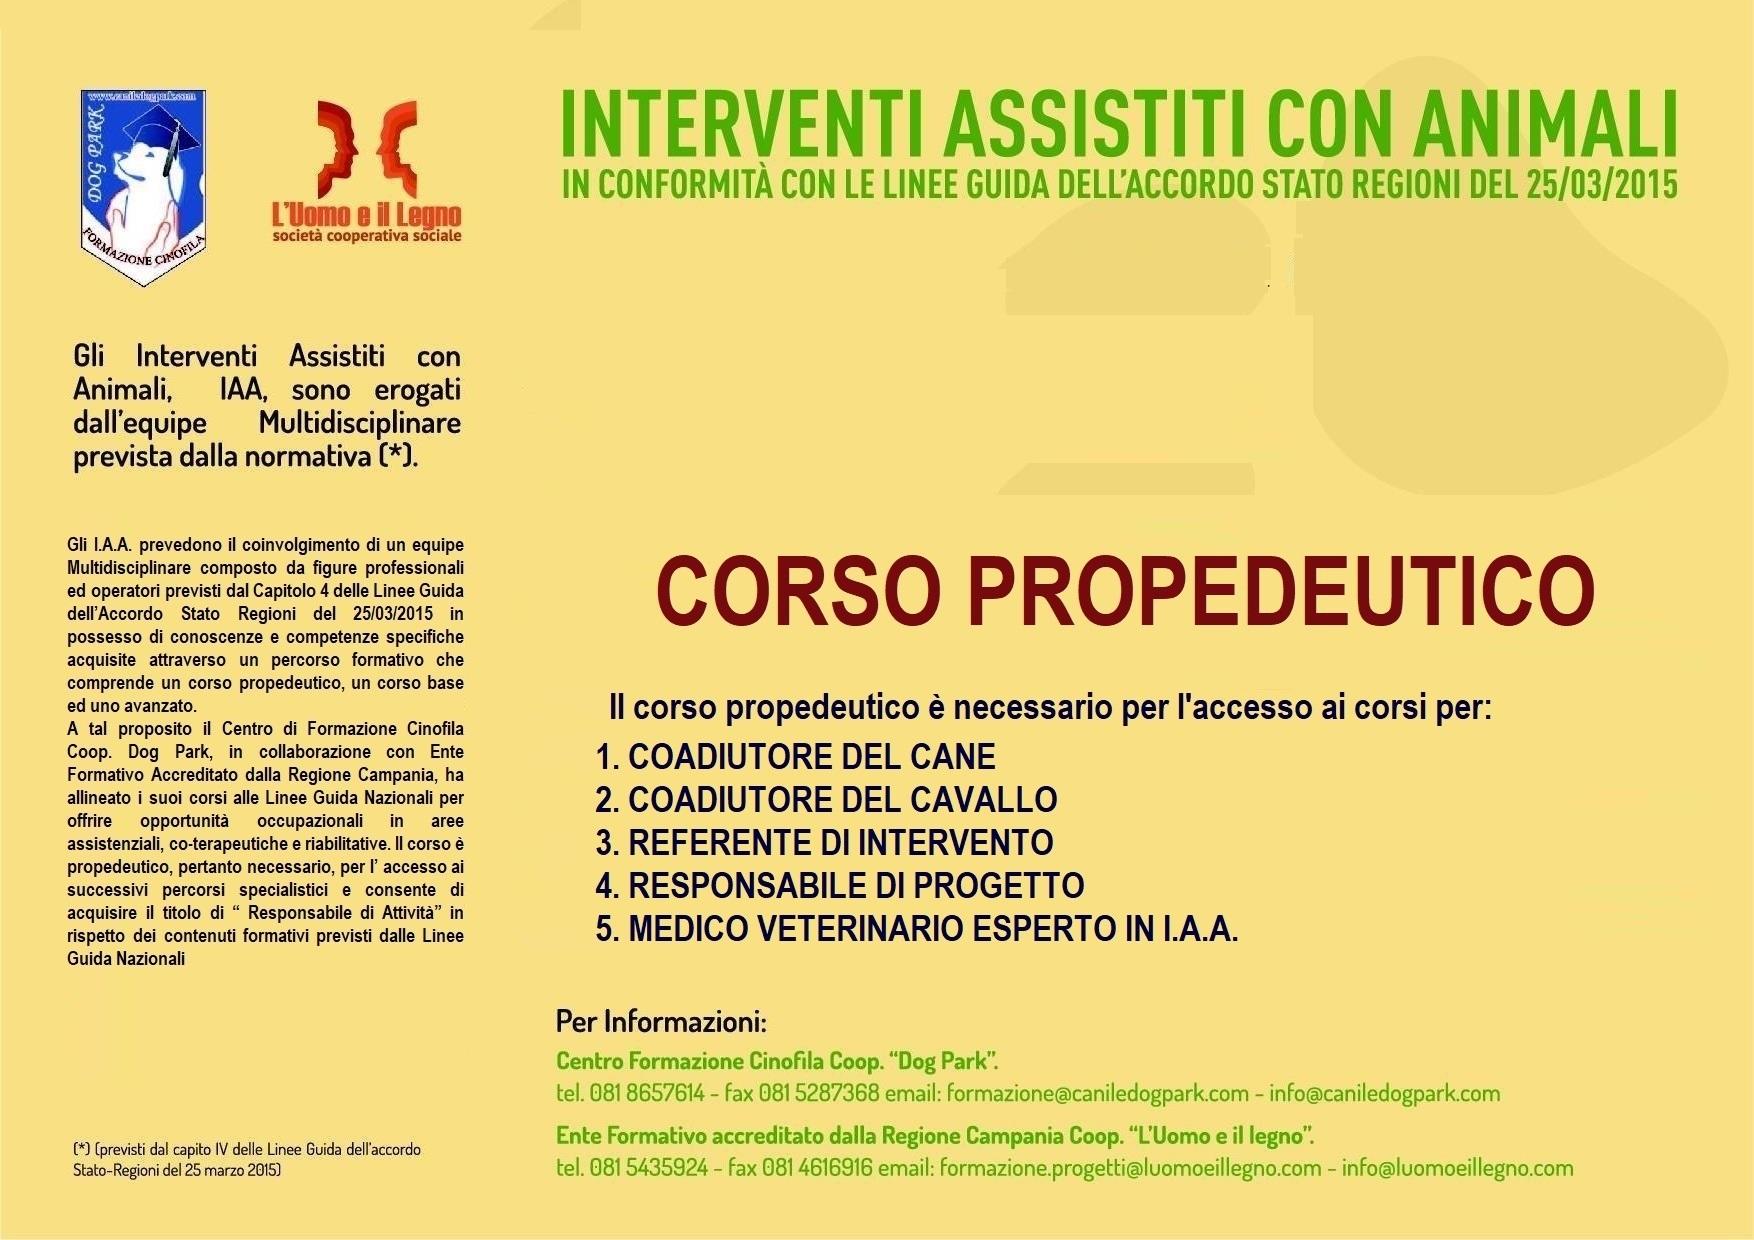 3° CORSO PROPEDEUTICO I.A.A.